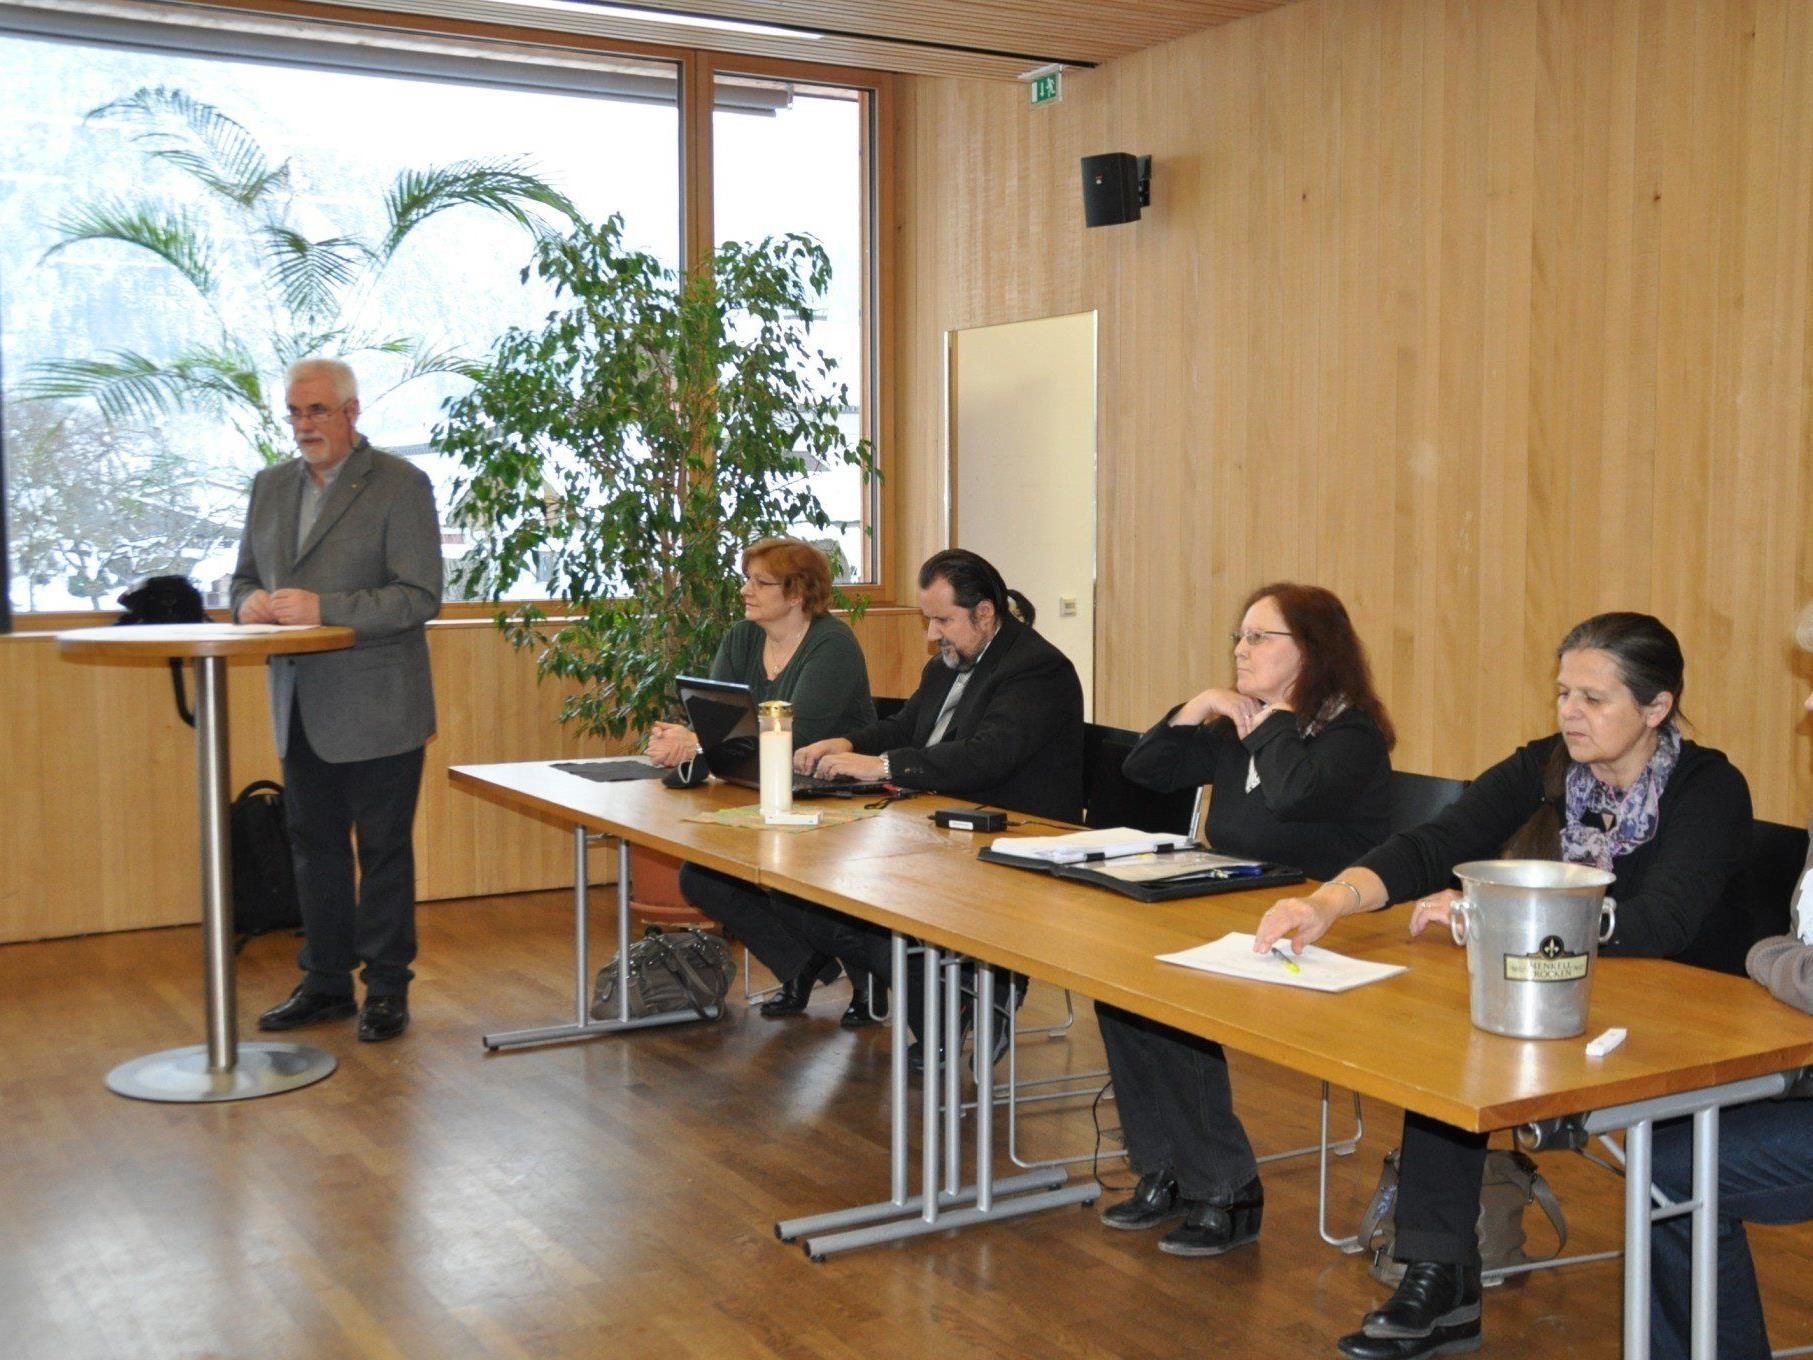 31.JHV des Gesundheist-und Krankenpflegevereins Ludesch